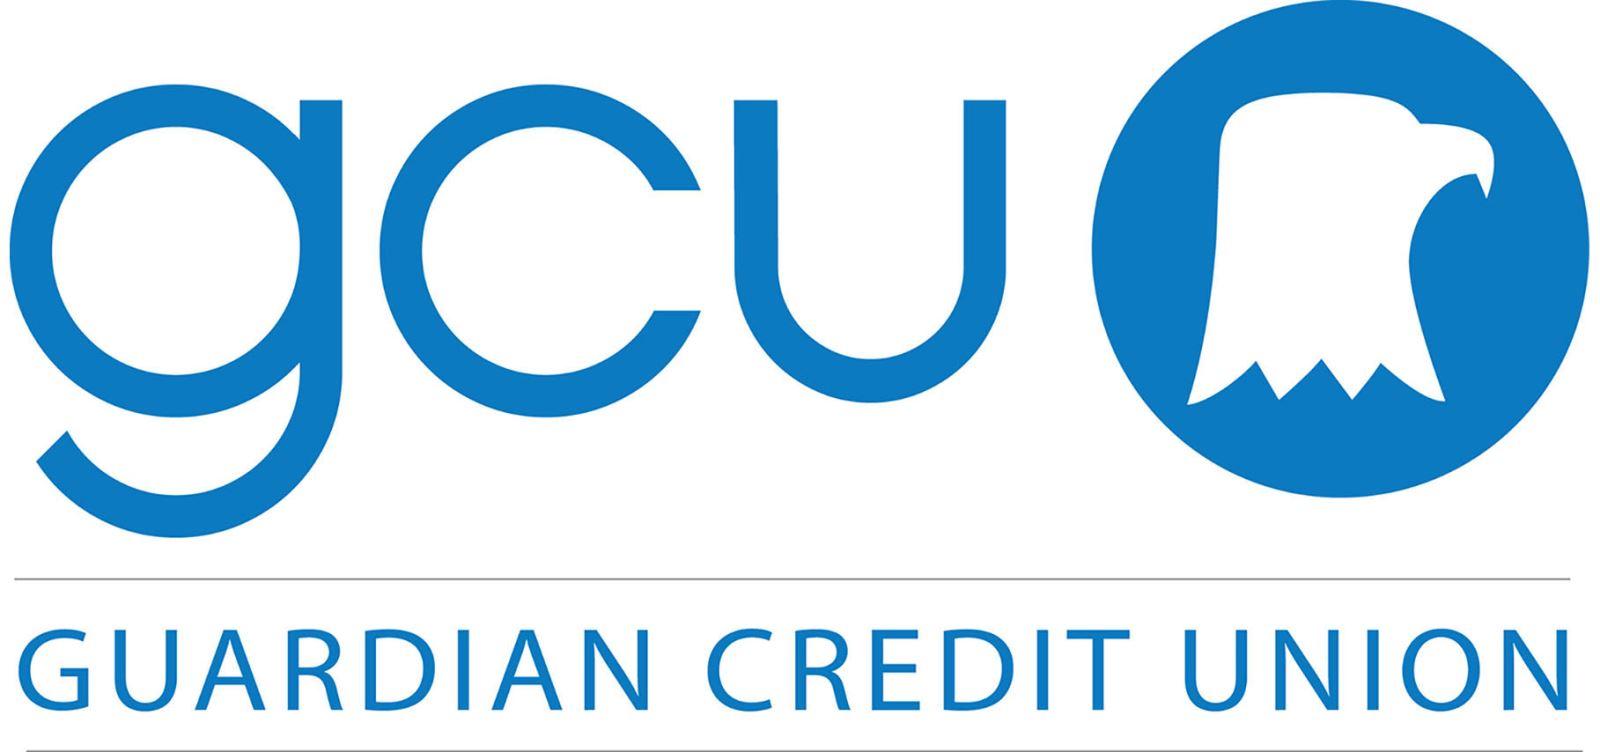 Alabama Credit Union League Logo photo - 1